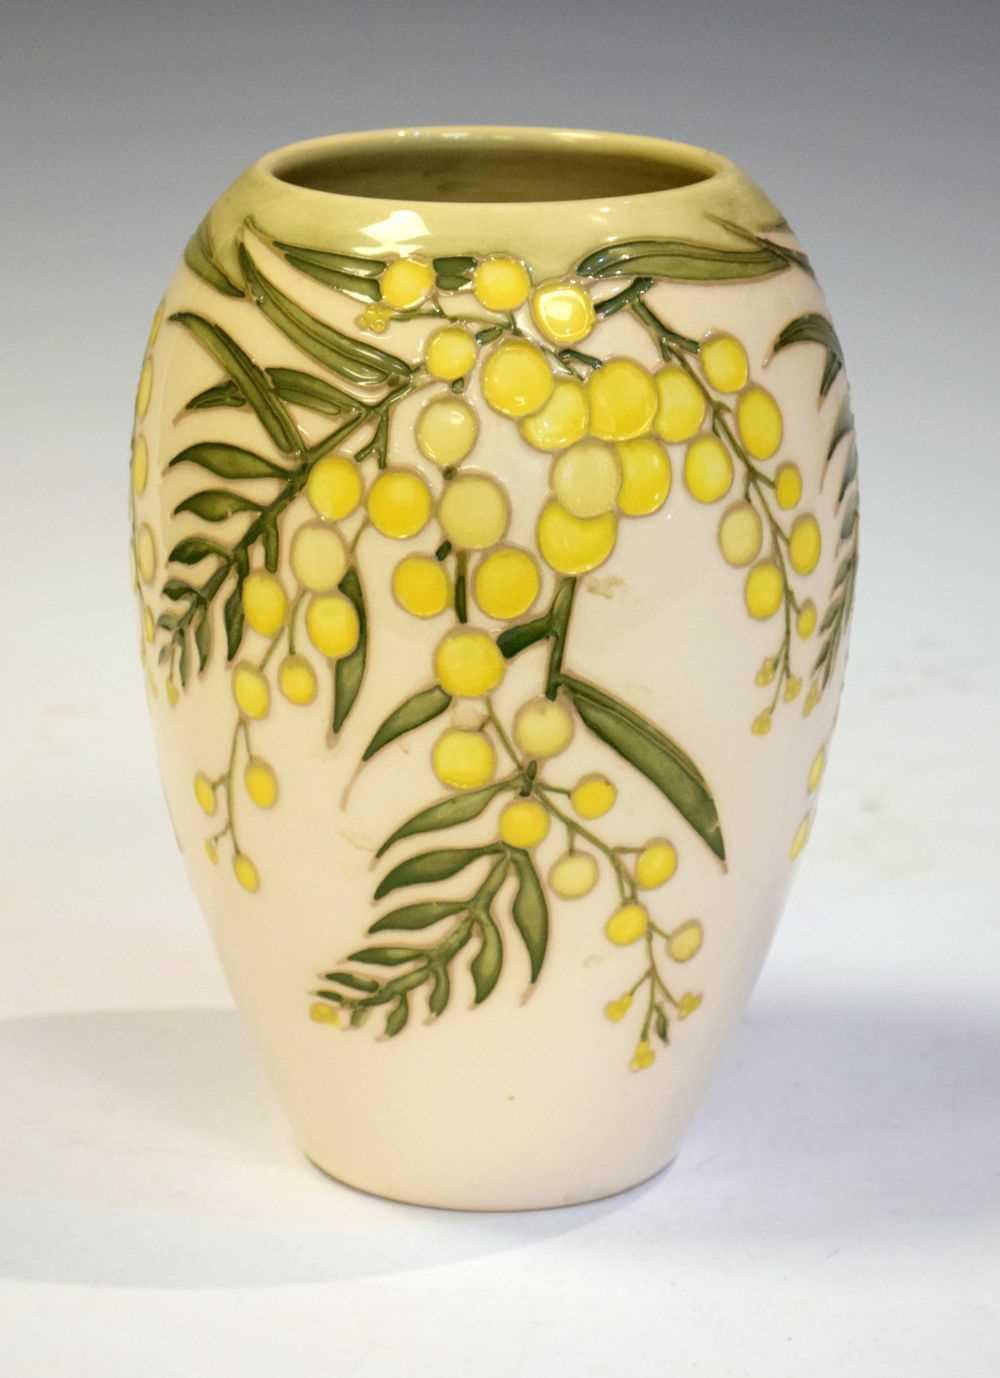 Moorcroft 'Wattle' vase